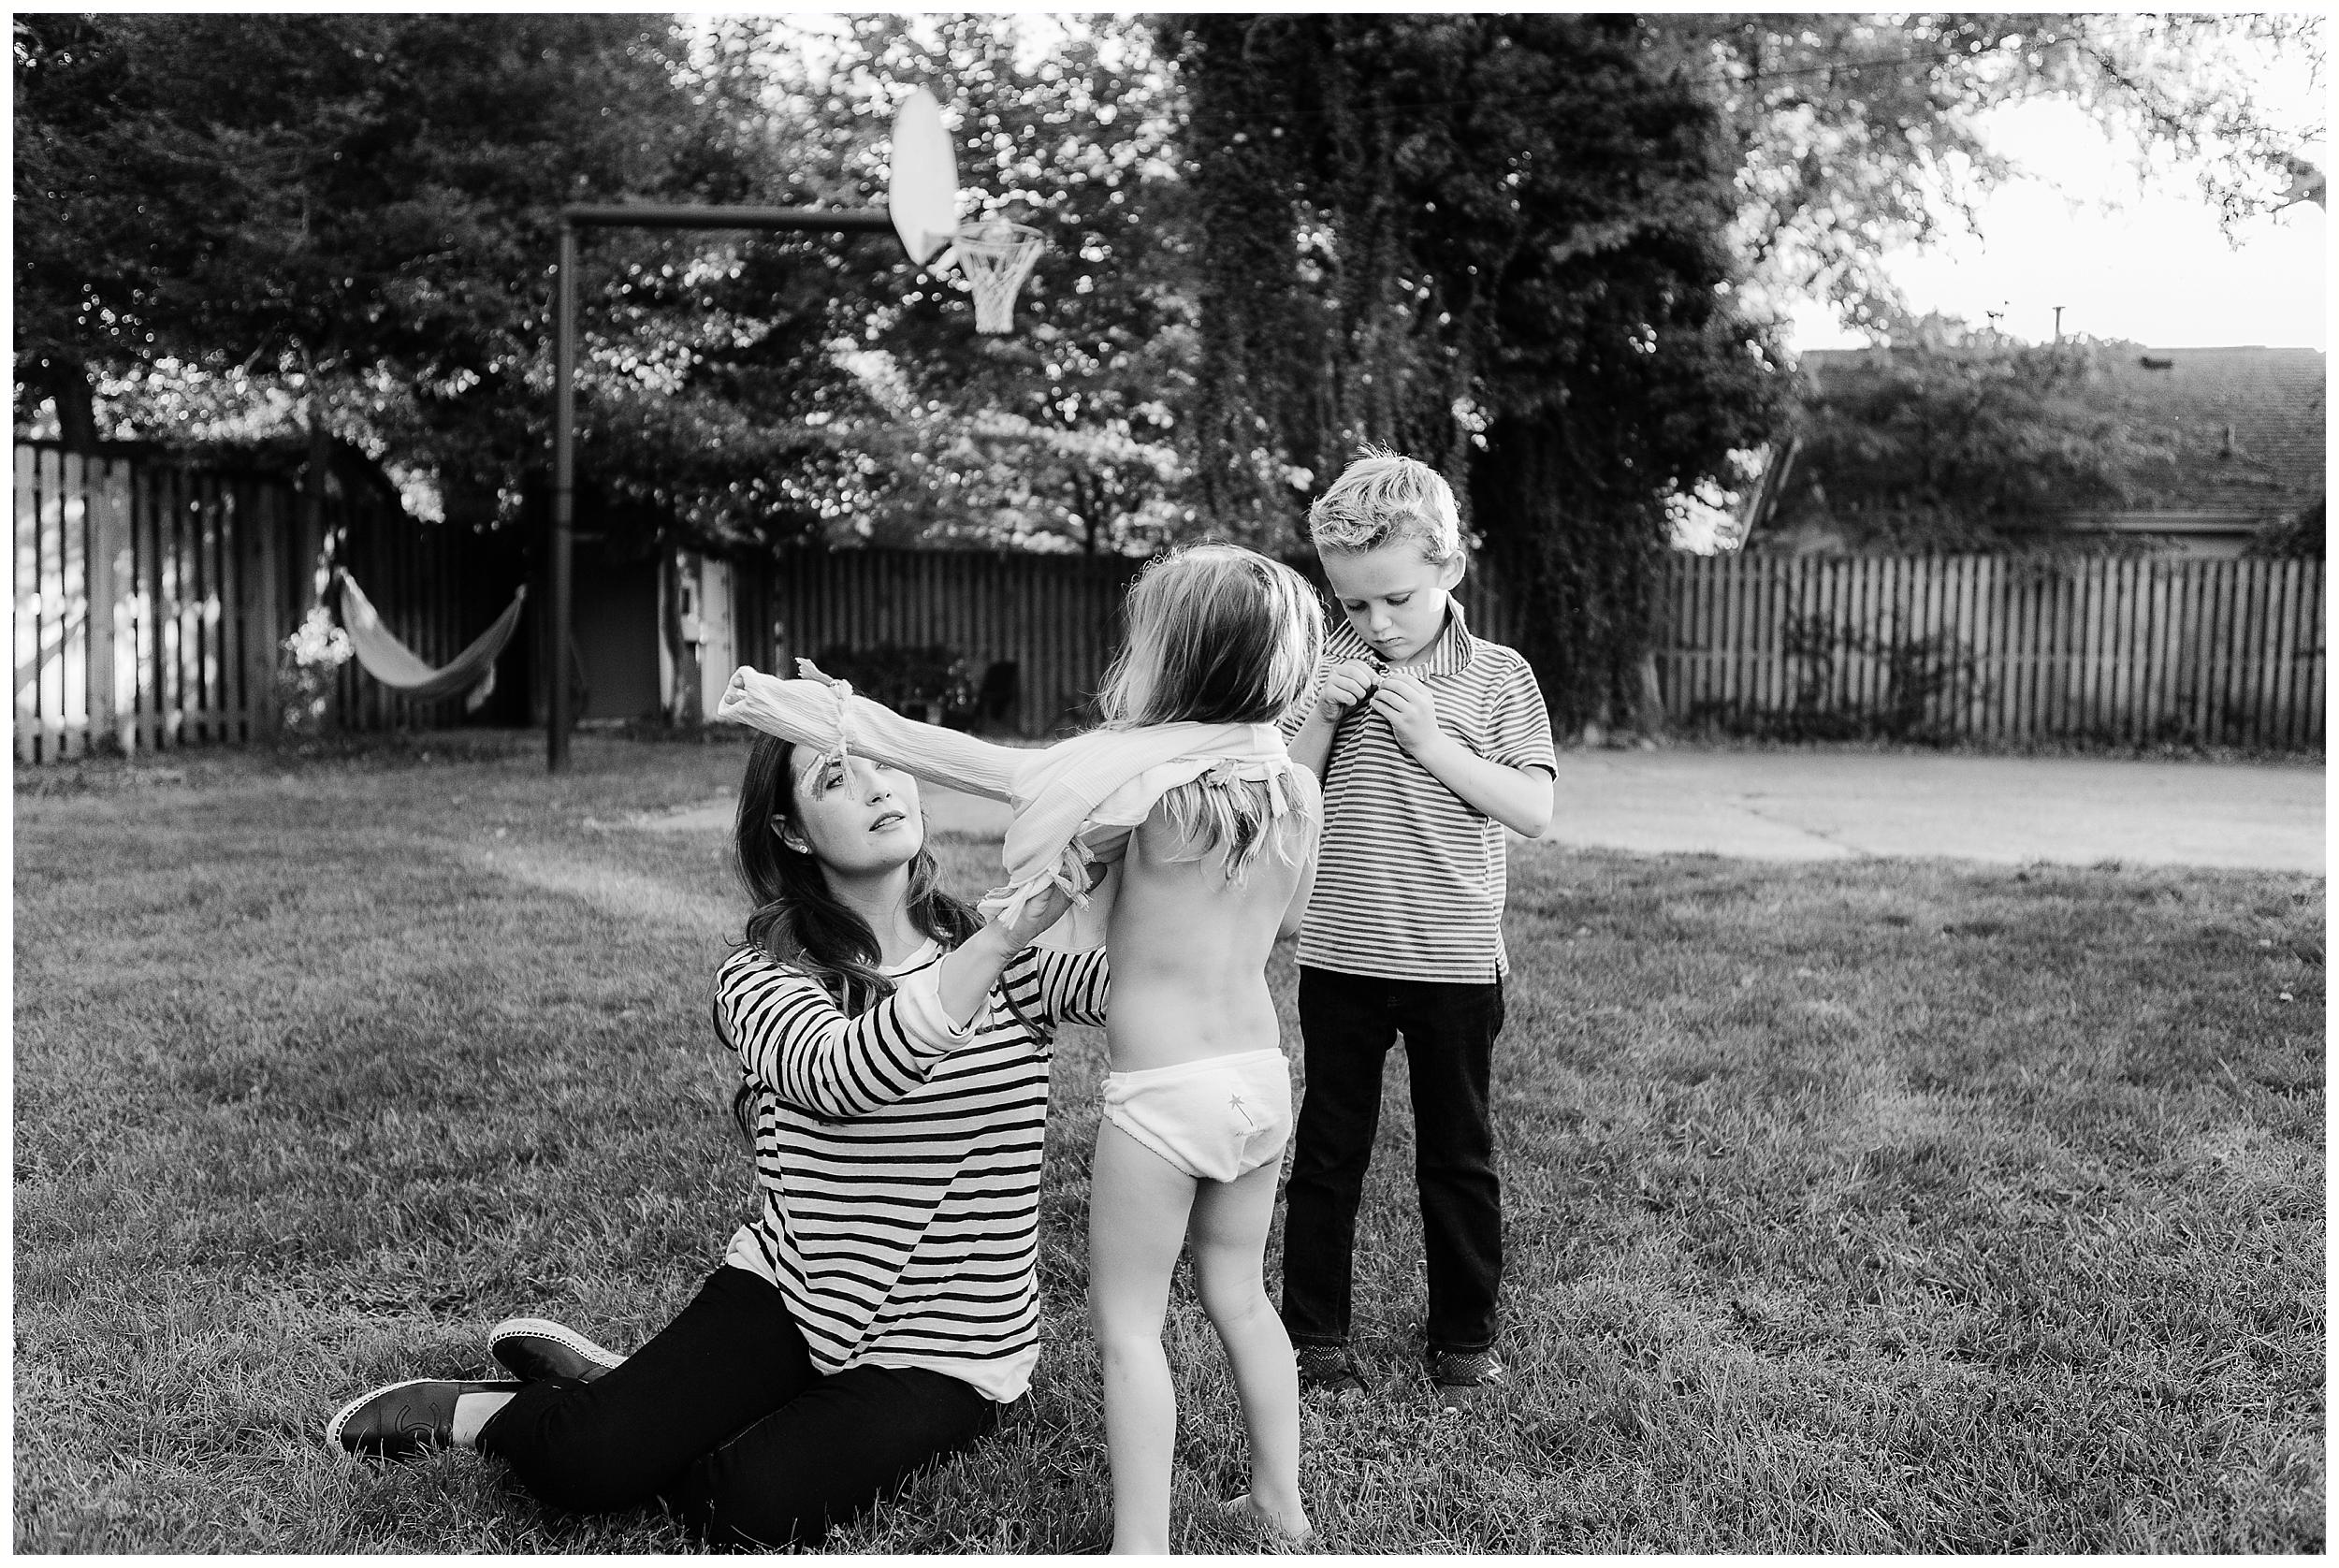 lexington-ky-family-lifestyle-photos-by-priscilla-baierlein_0083.jpg